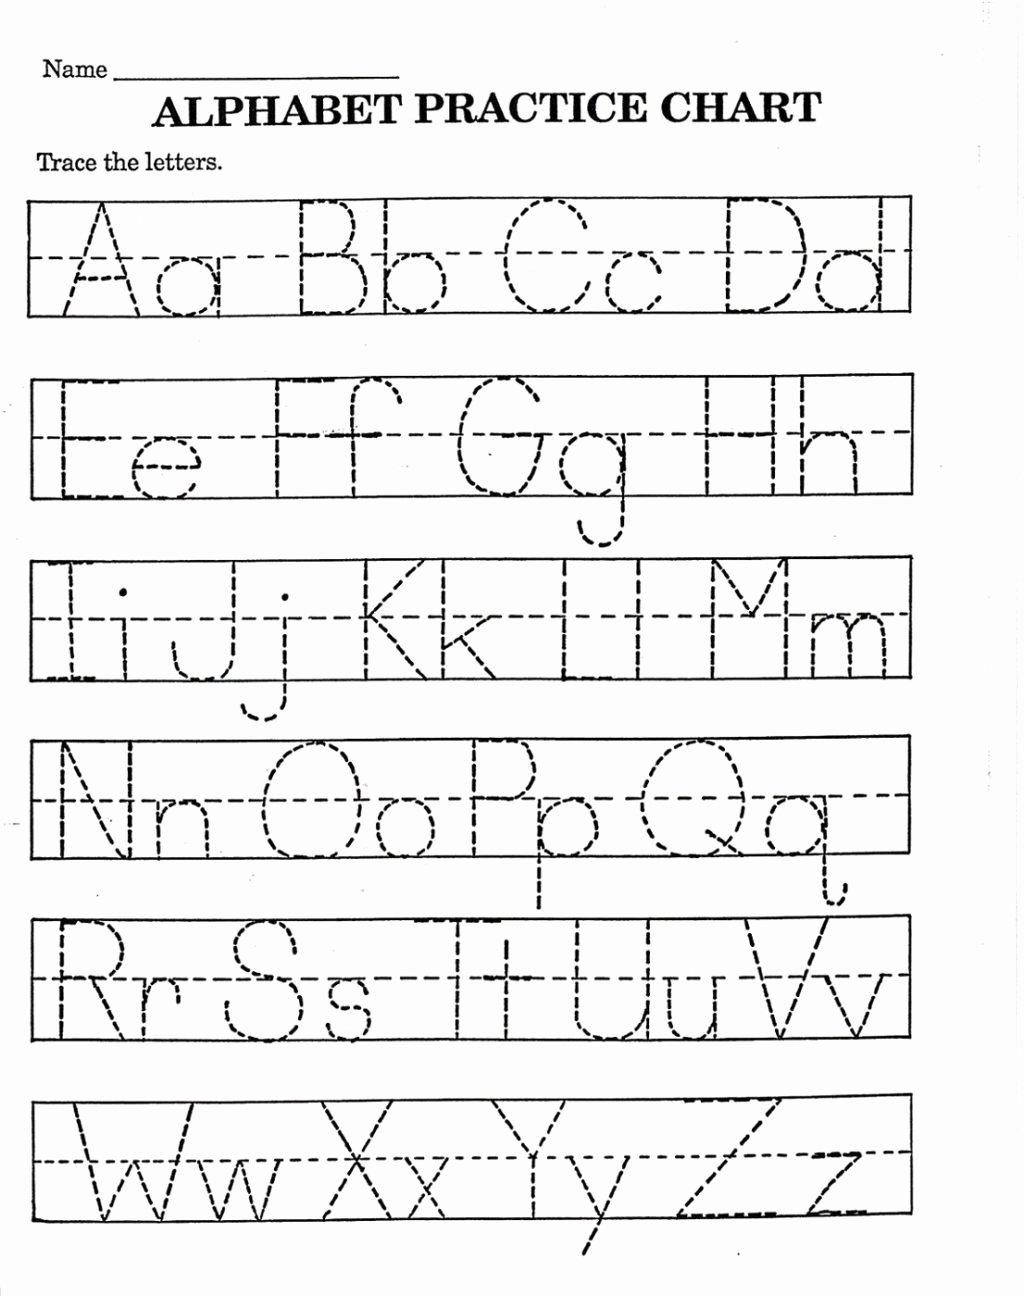 Tracing Letter Worksheets for Preschoolers Unique Worksheet Free Pre K Printables Worksheet Trace Letter